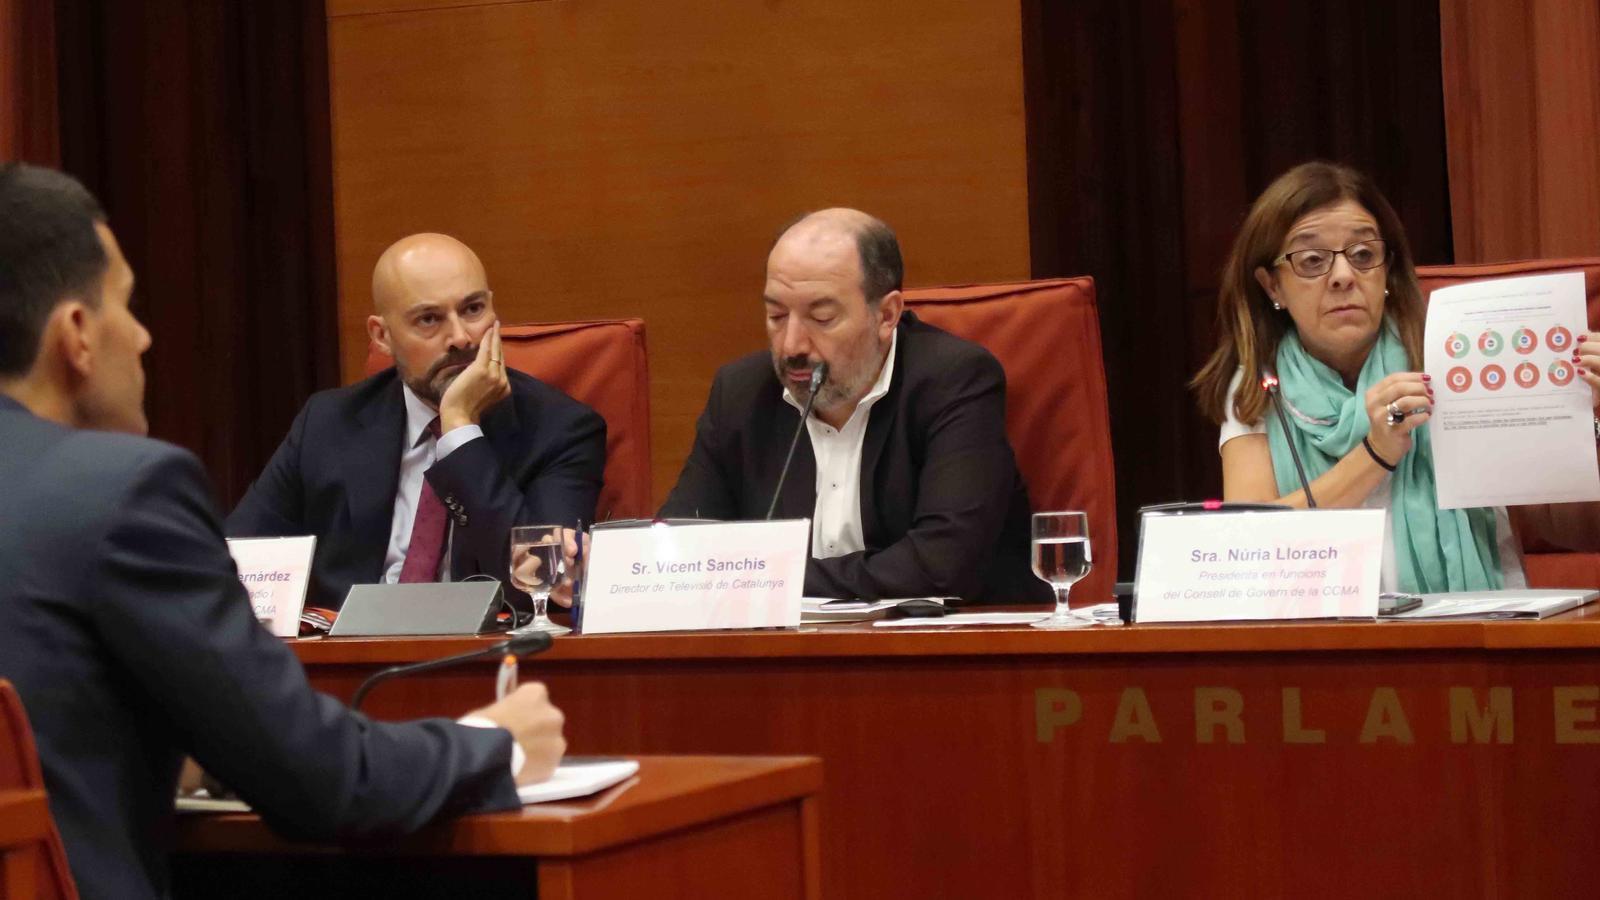 El director de Catalunya Ràdio, Saül Gordill; el de TV3, Vicent Sanchis, i la presidenta en funcions de la CCMA, Núria Llorach, aquest divendres al Parlament